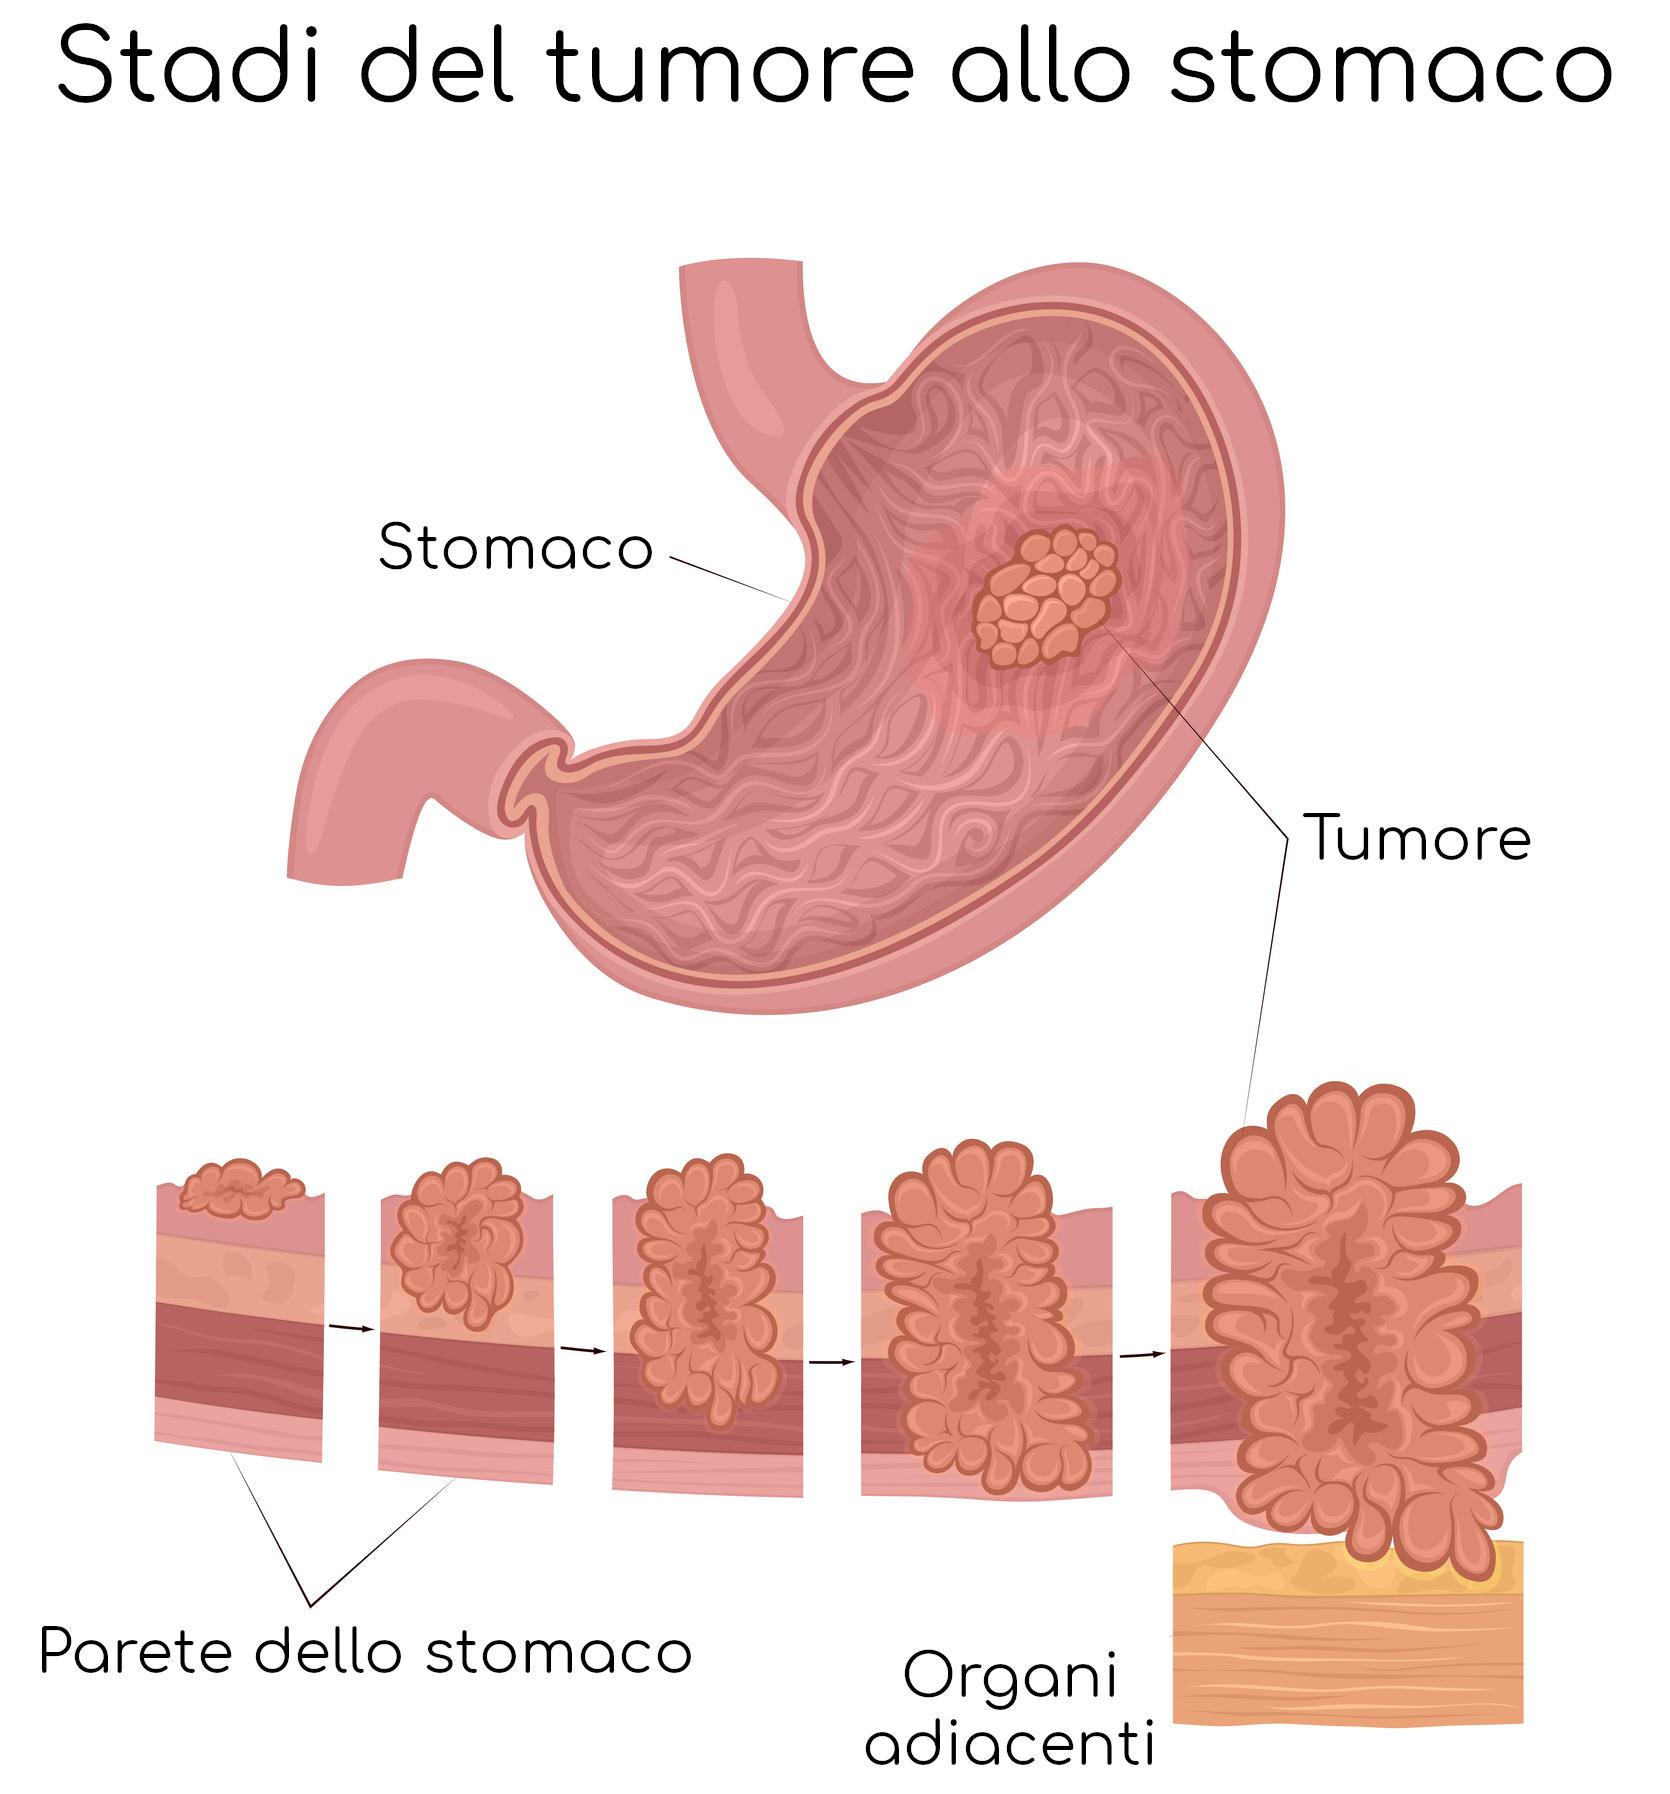 Stadiazione del tumore allo stomaco